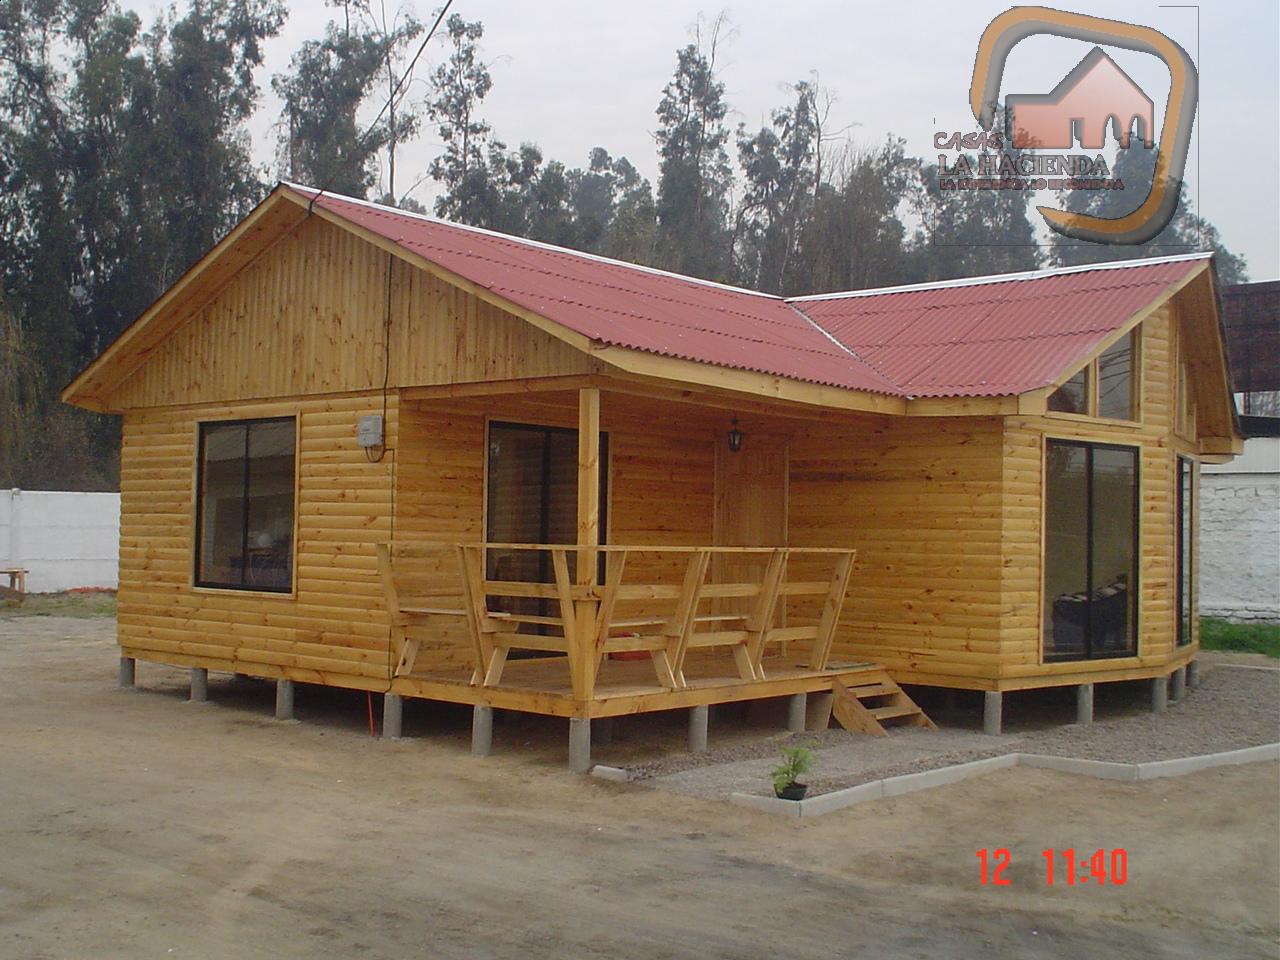 Casas prefabricada la hacienda - Refugios de madera prefabricados ...